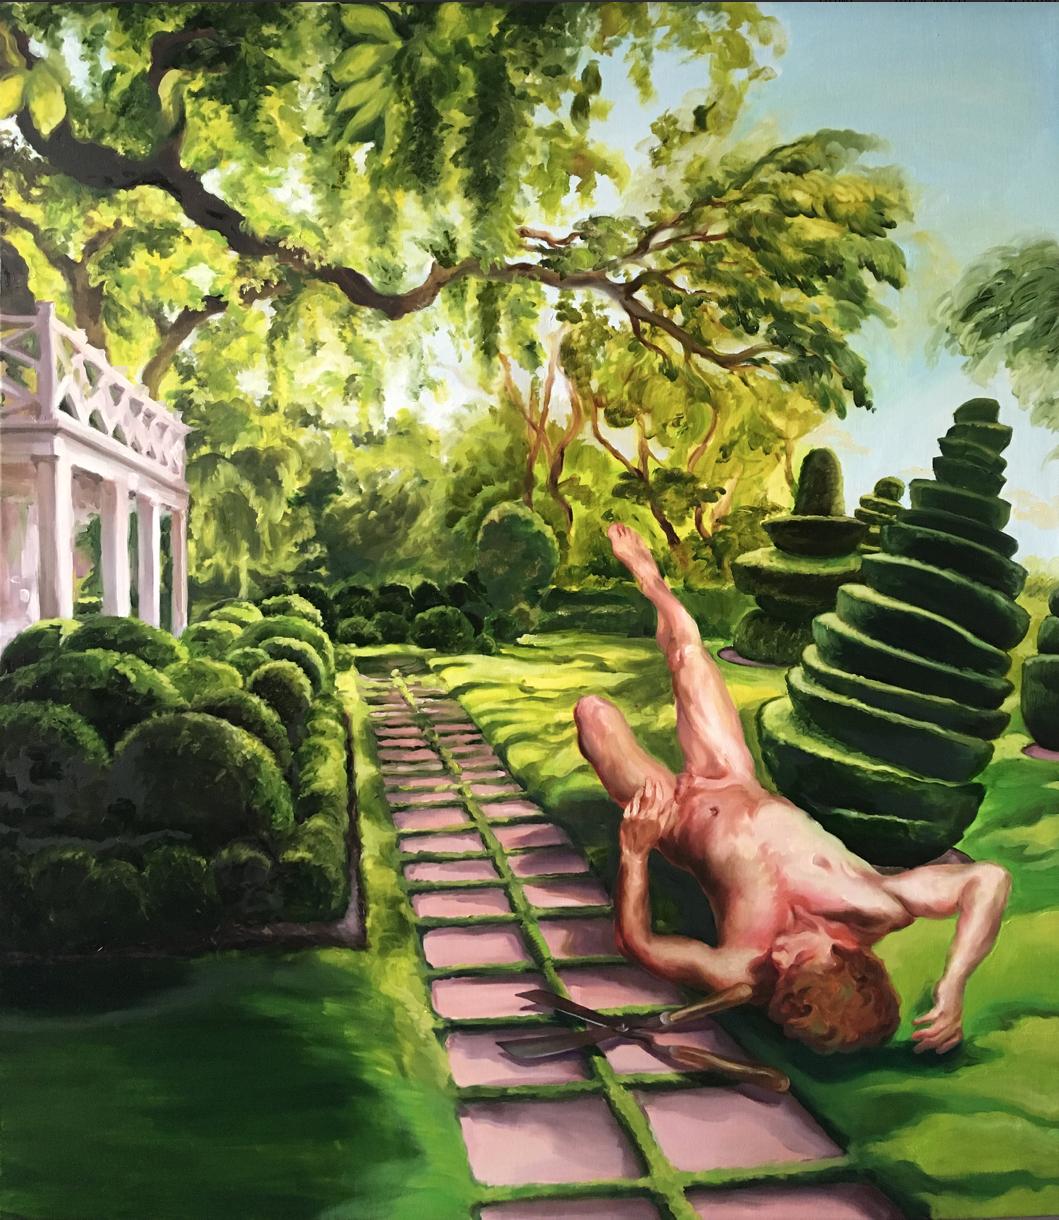 Der Gärtner ist runtergefallen, 2019